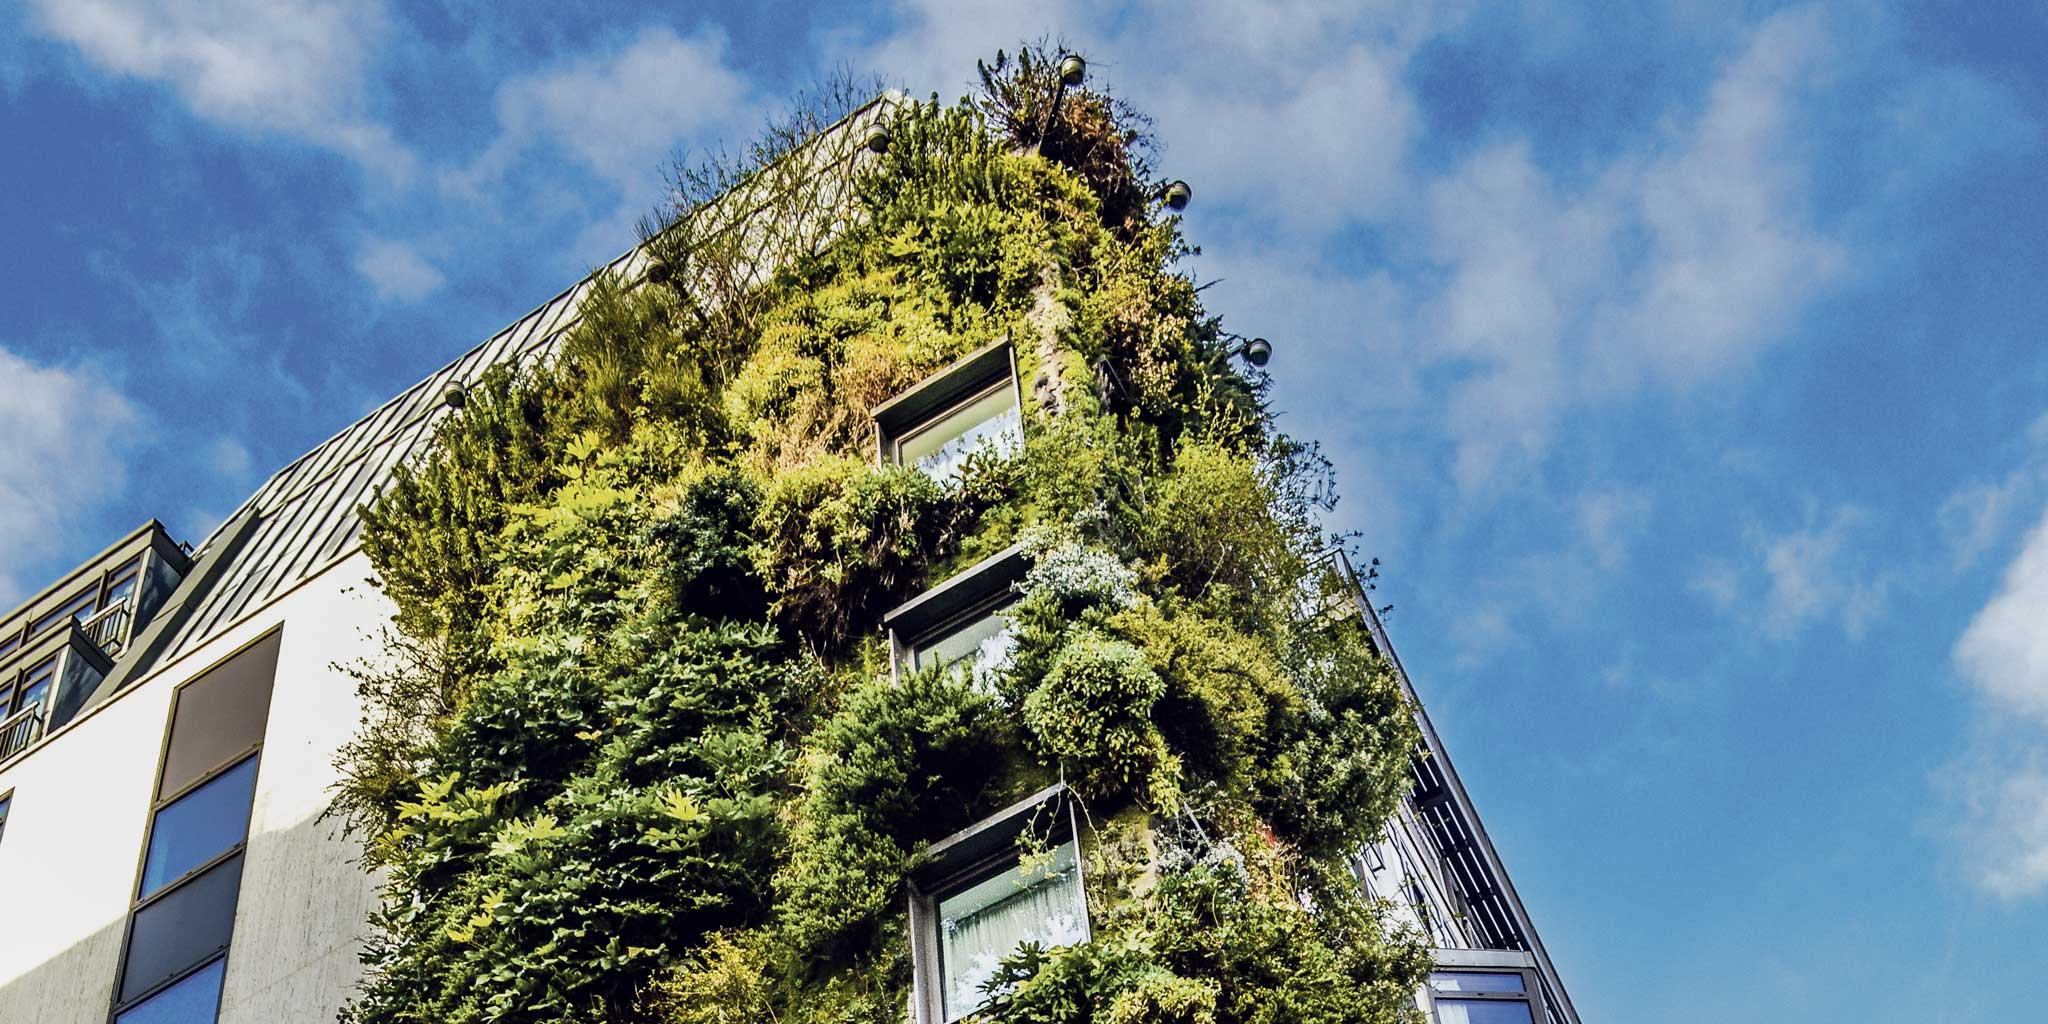 Huis met groene wand